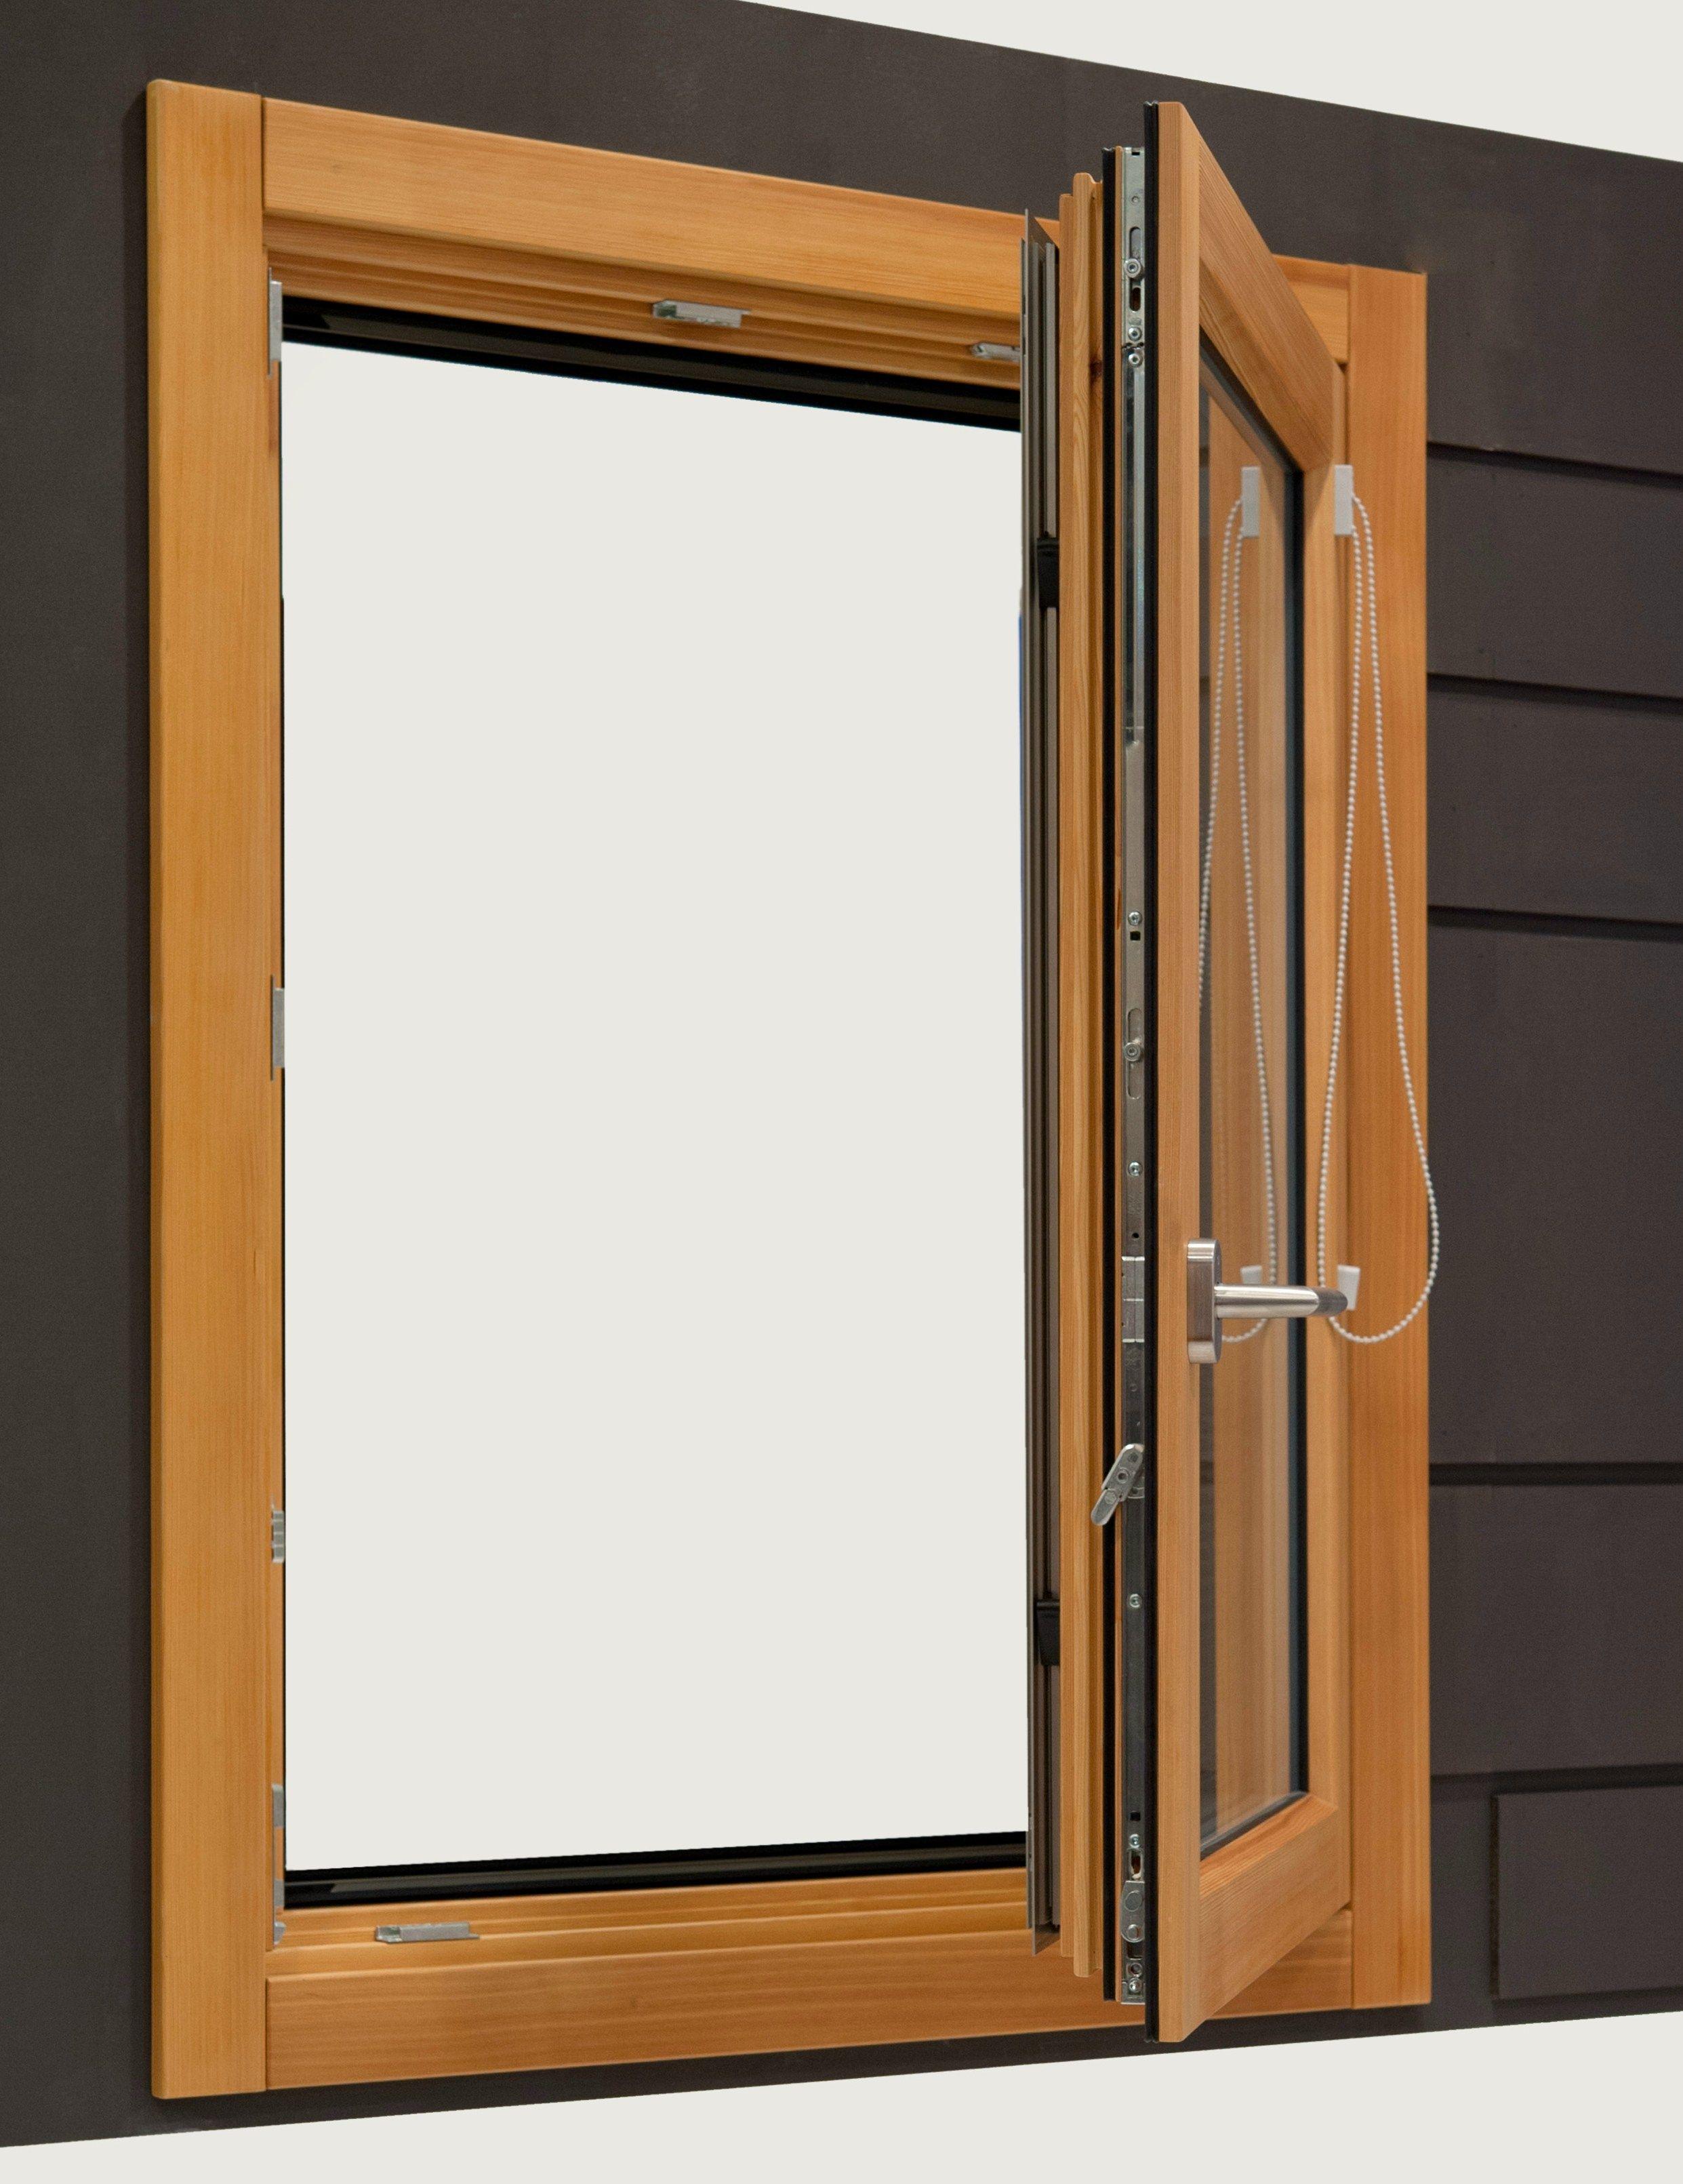 #764B23 invólucro janelas janelas janelas de alumínio madeira 1958 Janela De Aluminio Uberaba